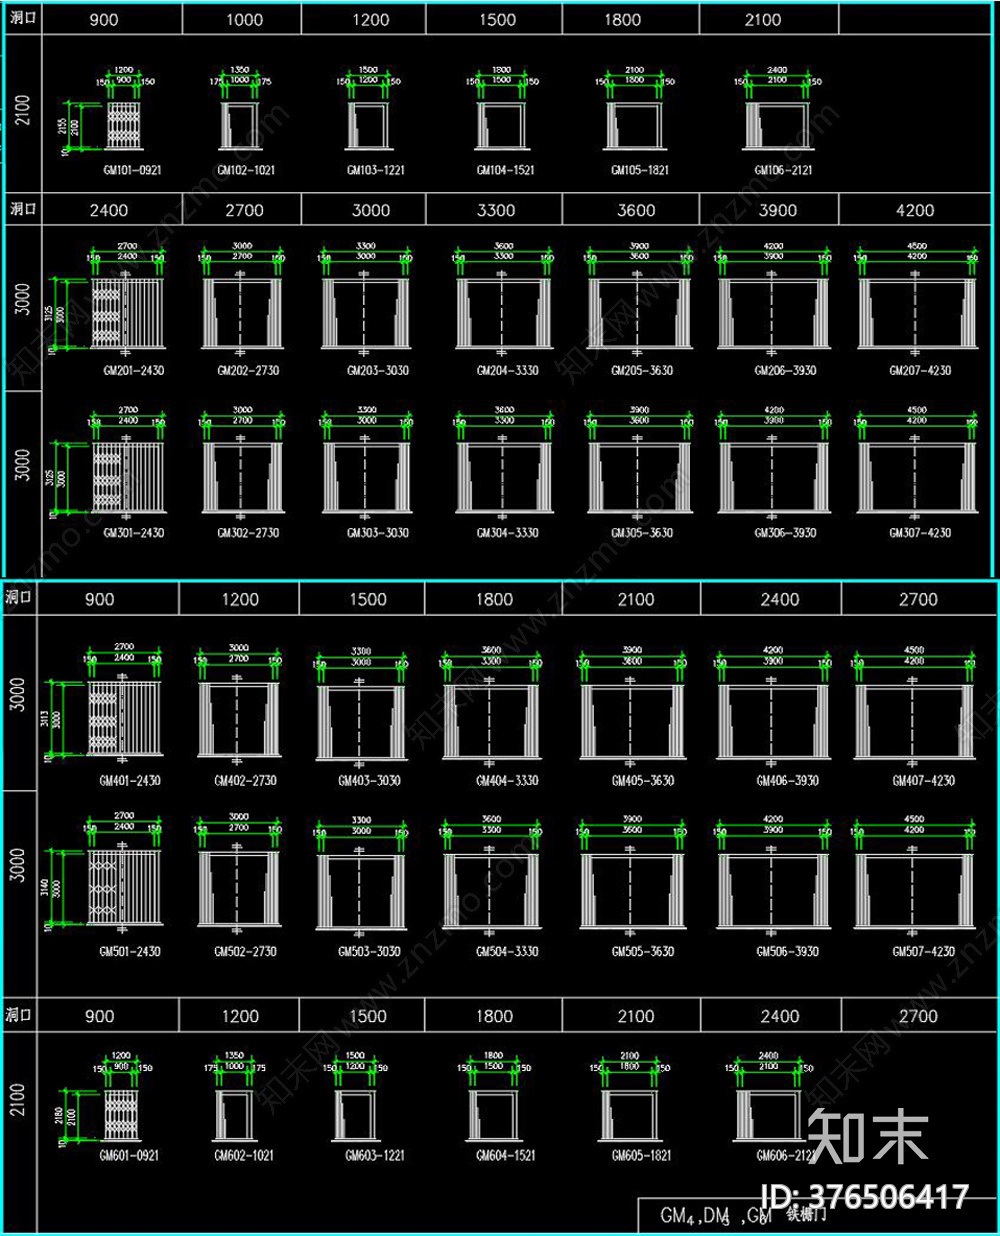 各种型号铁栅门施工图下载【ID:376506417】